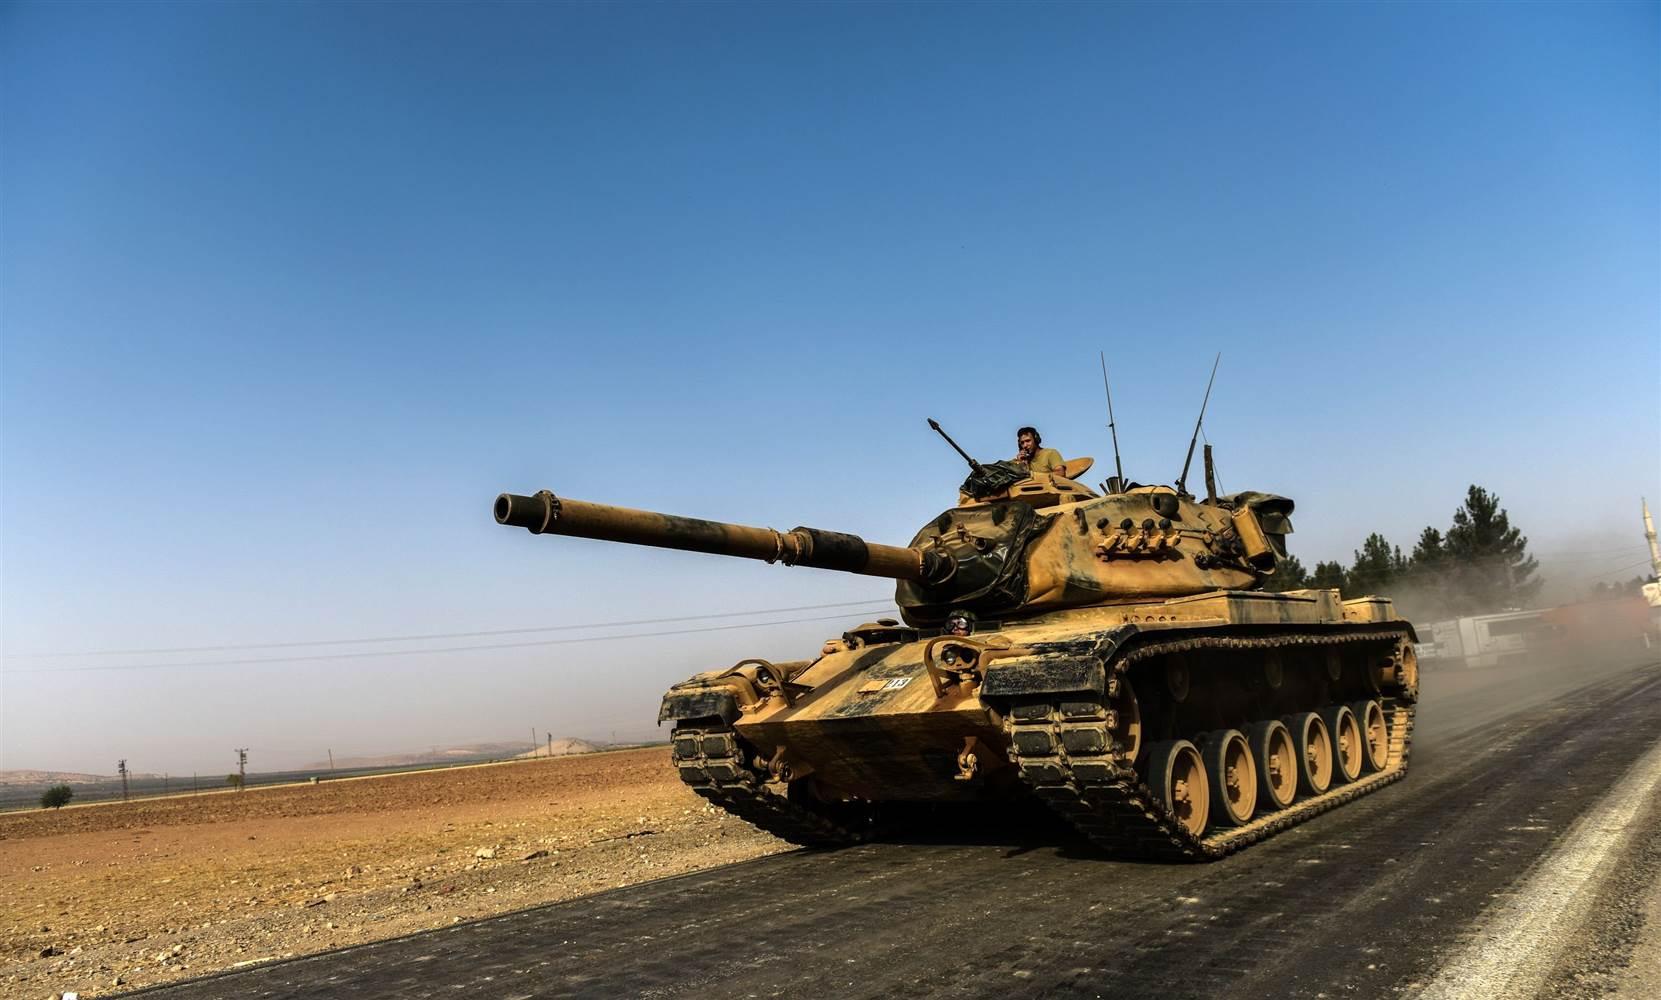 Ένα από τα τουρκικά άρματα μάχης που εισέβαλαν στην Συρία στο πλαίσιο της επιχείρησης Ασπίδα του Ευφράτη.